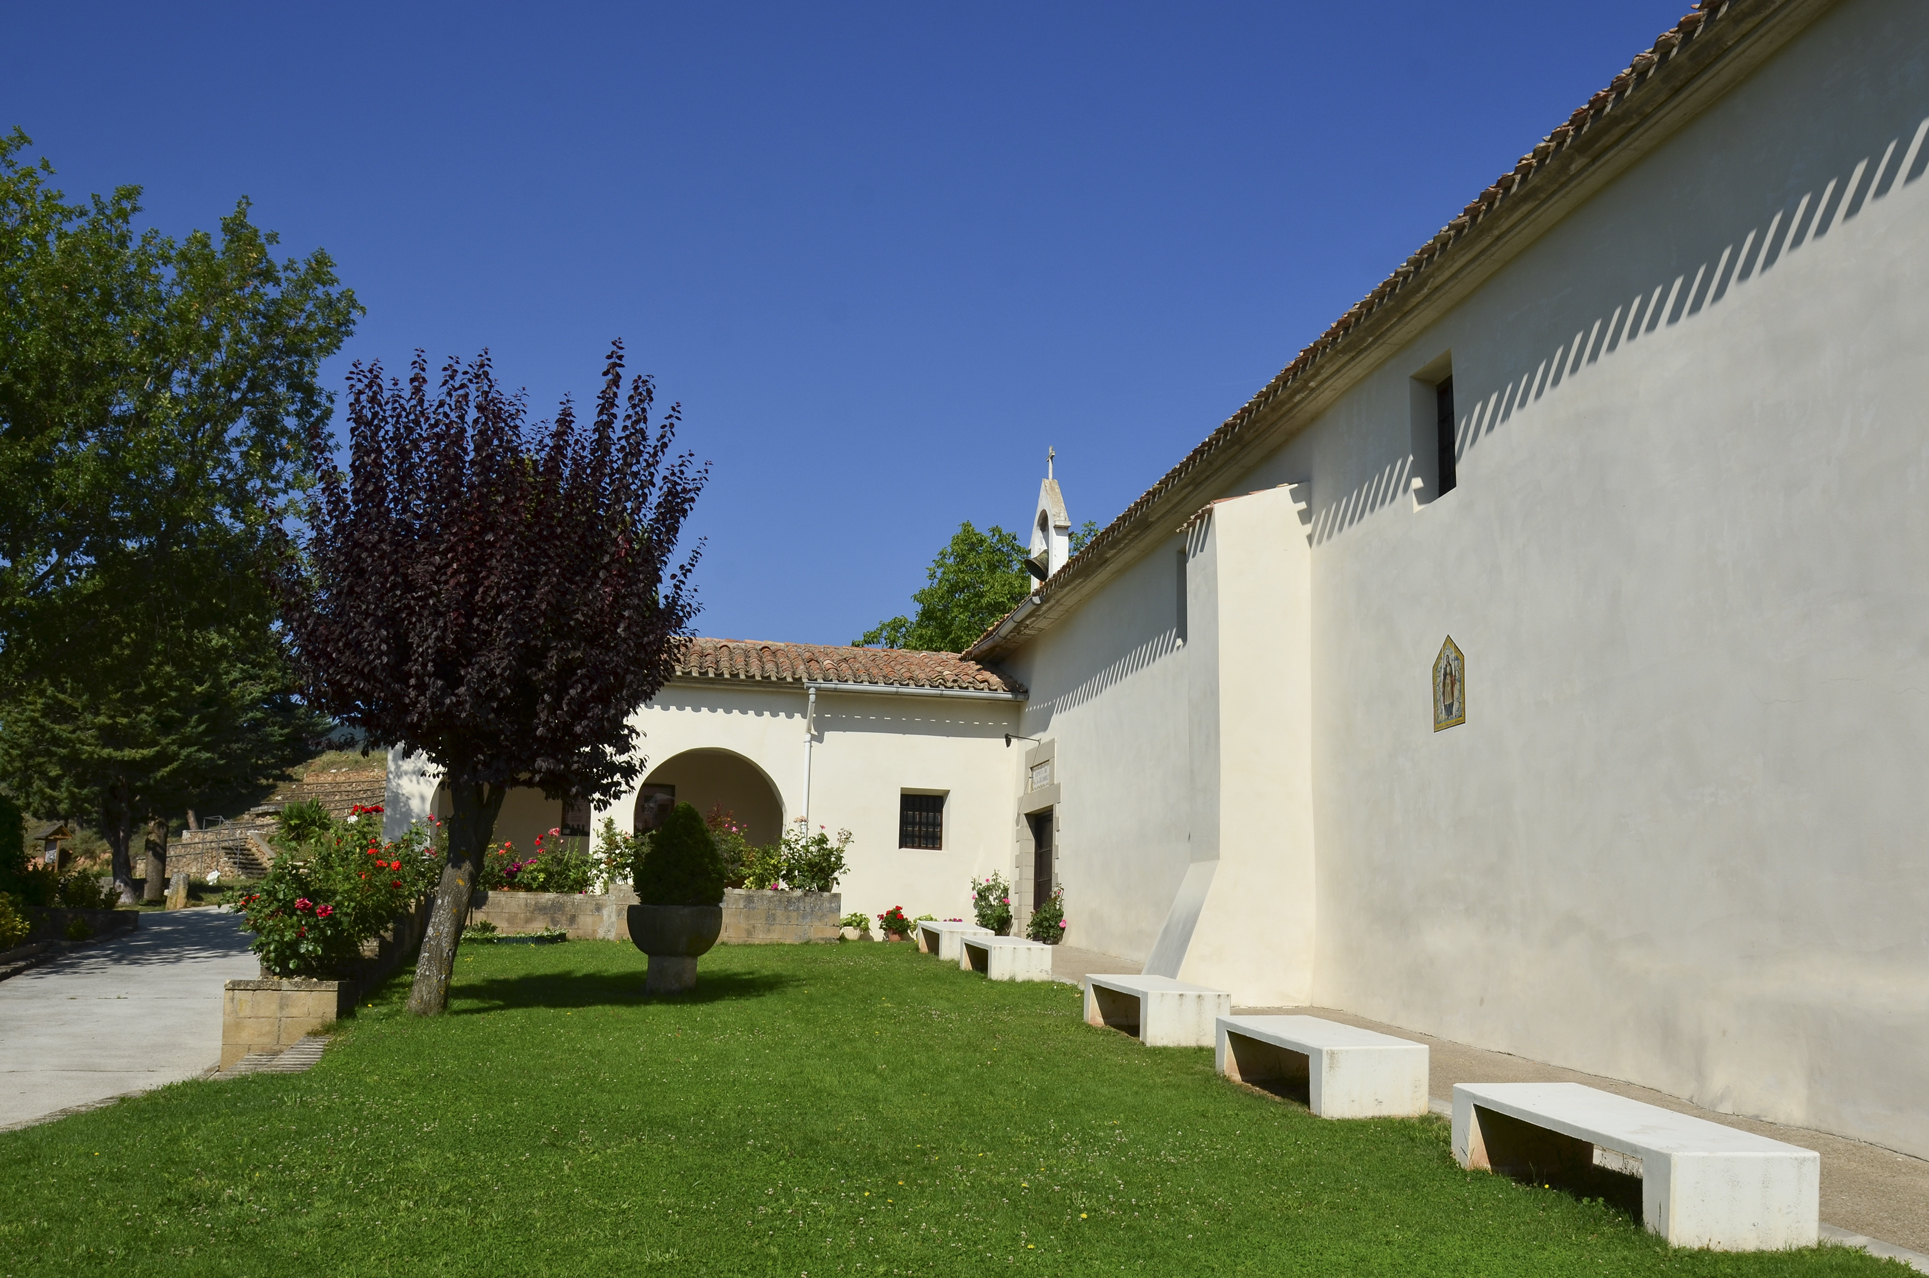 ermita roble2